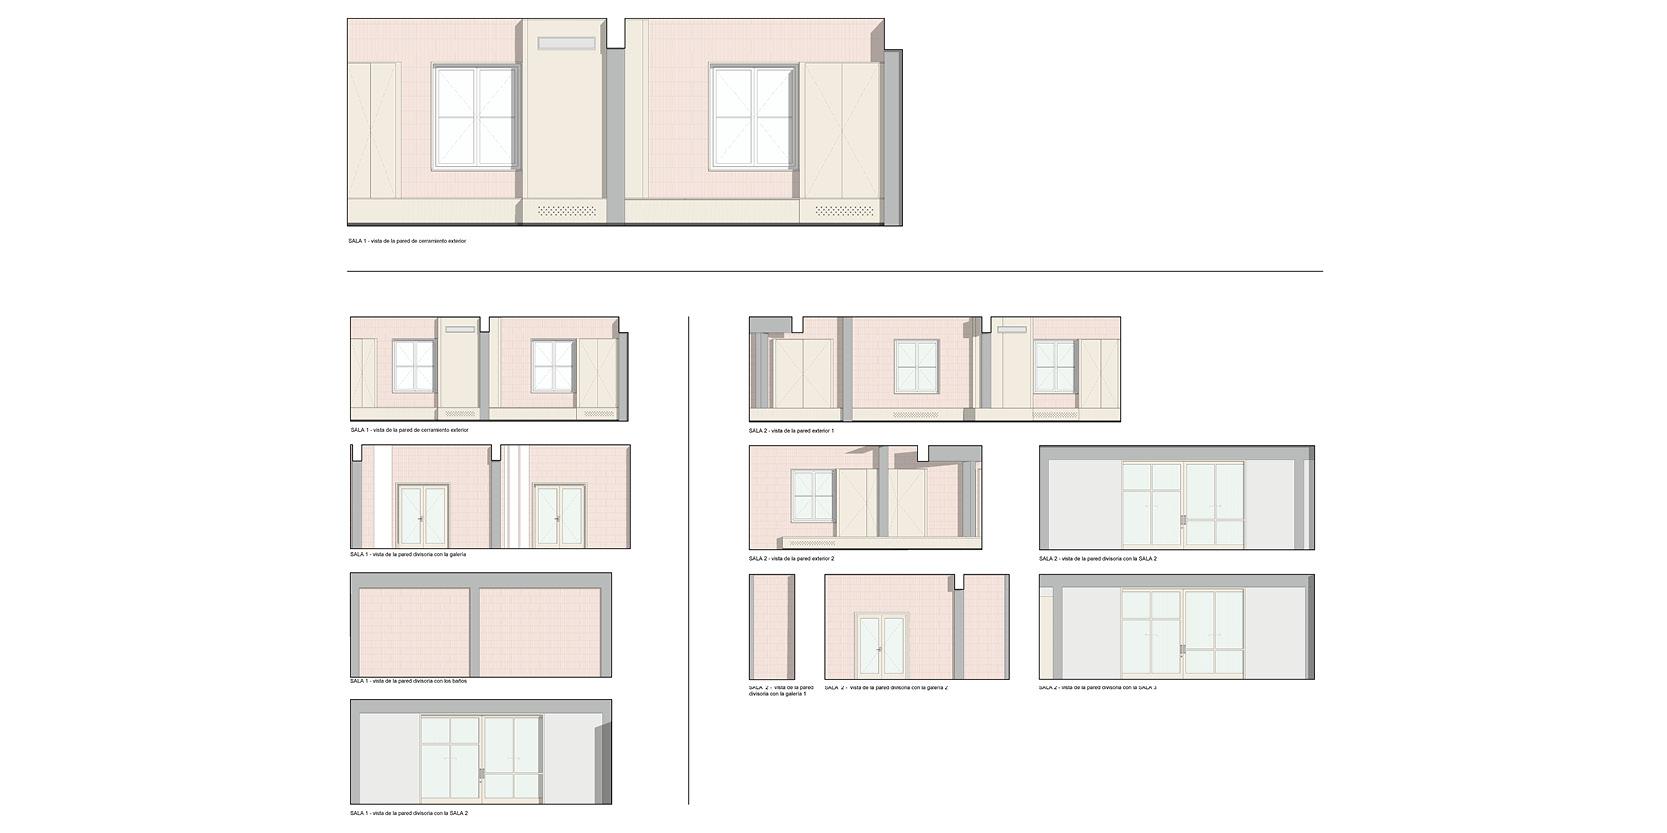 OCA architects arquitectos y DDA Centro de dia medicalizado para personas mayores en Paracuellos de Jarama Hernan Lleida Bernardo Garcia15